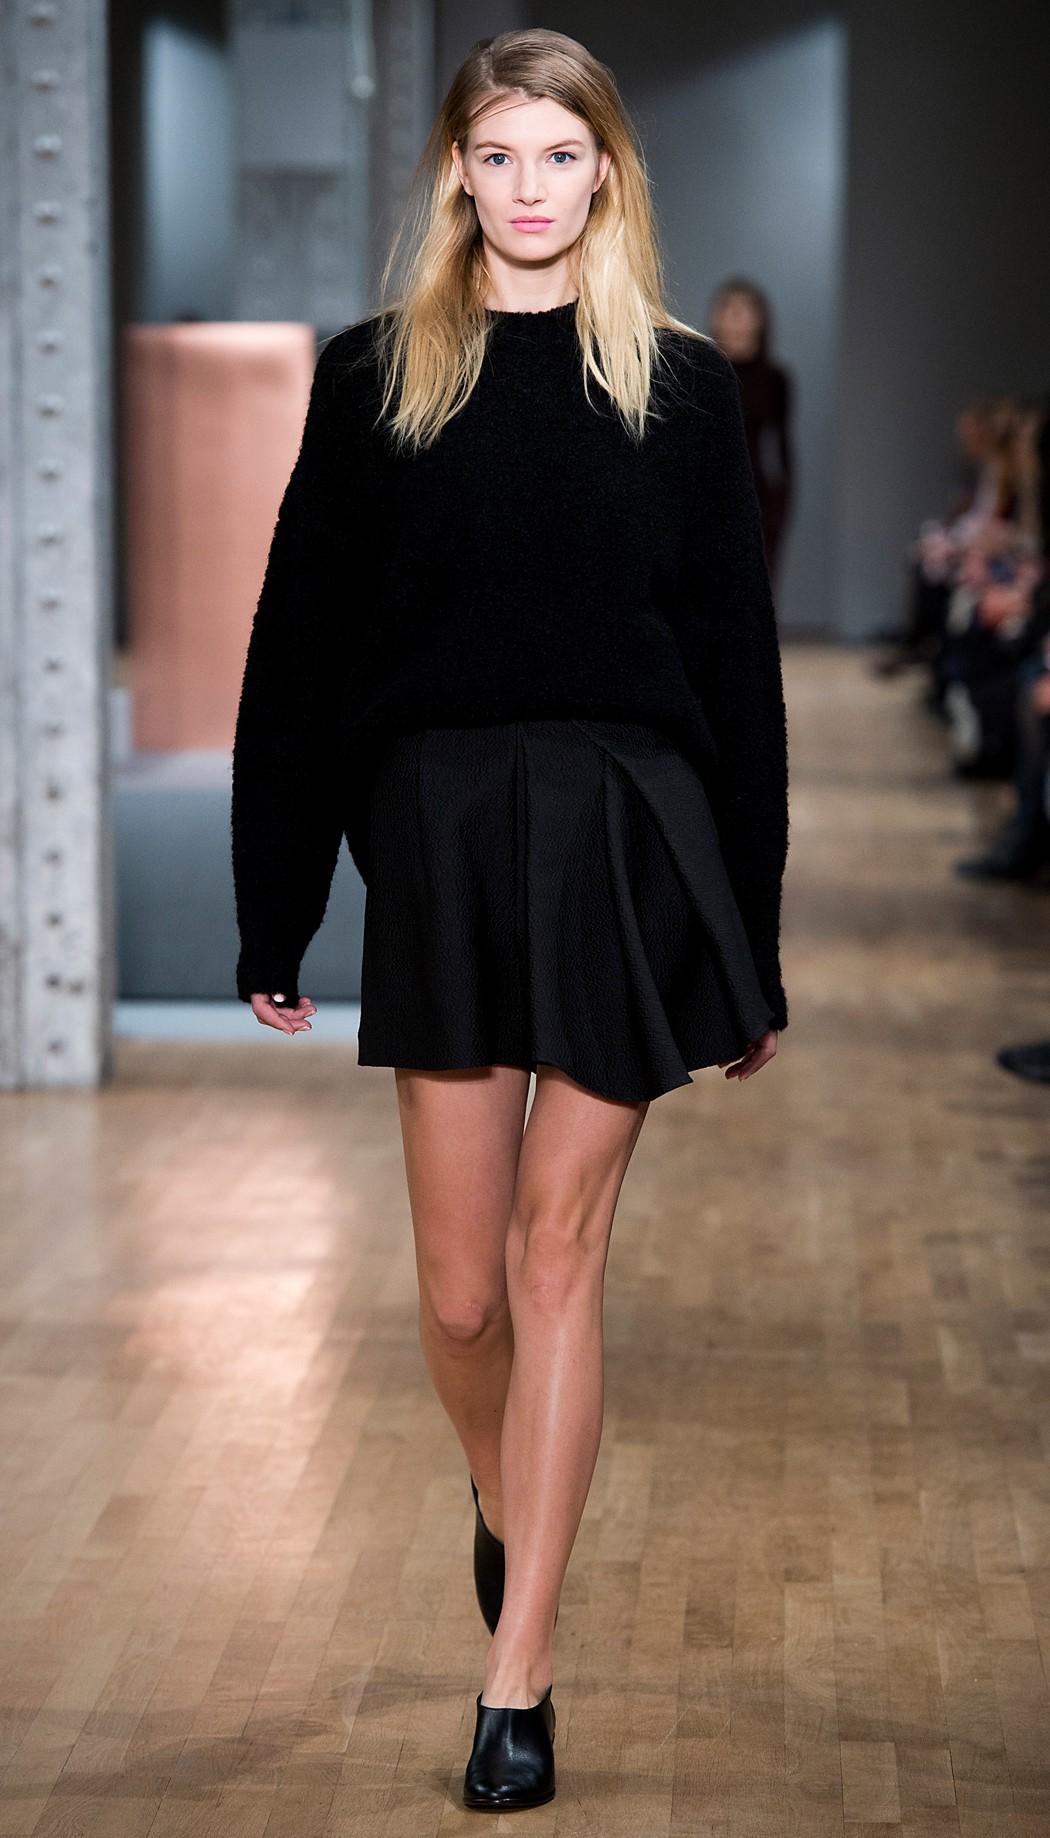 Tibi Leather Giada Booties in Black